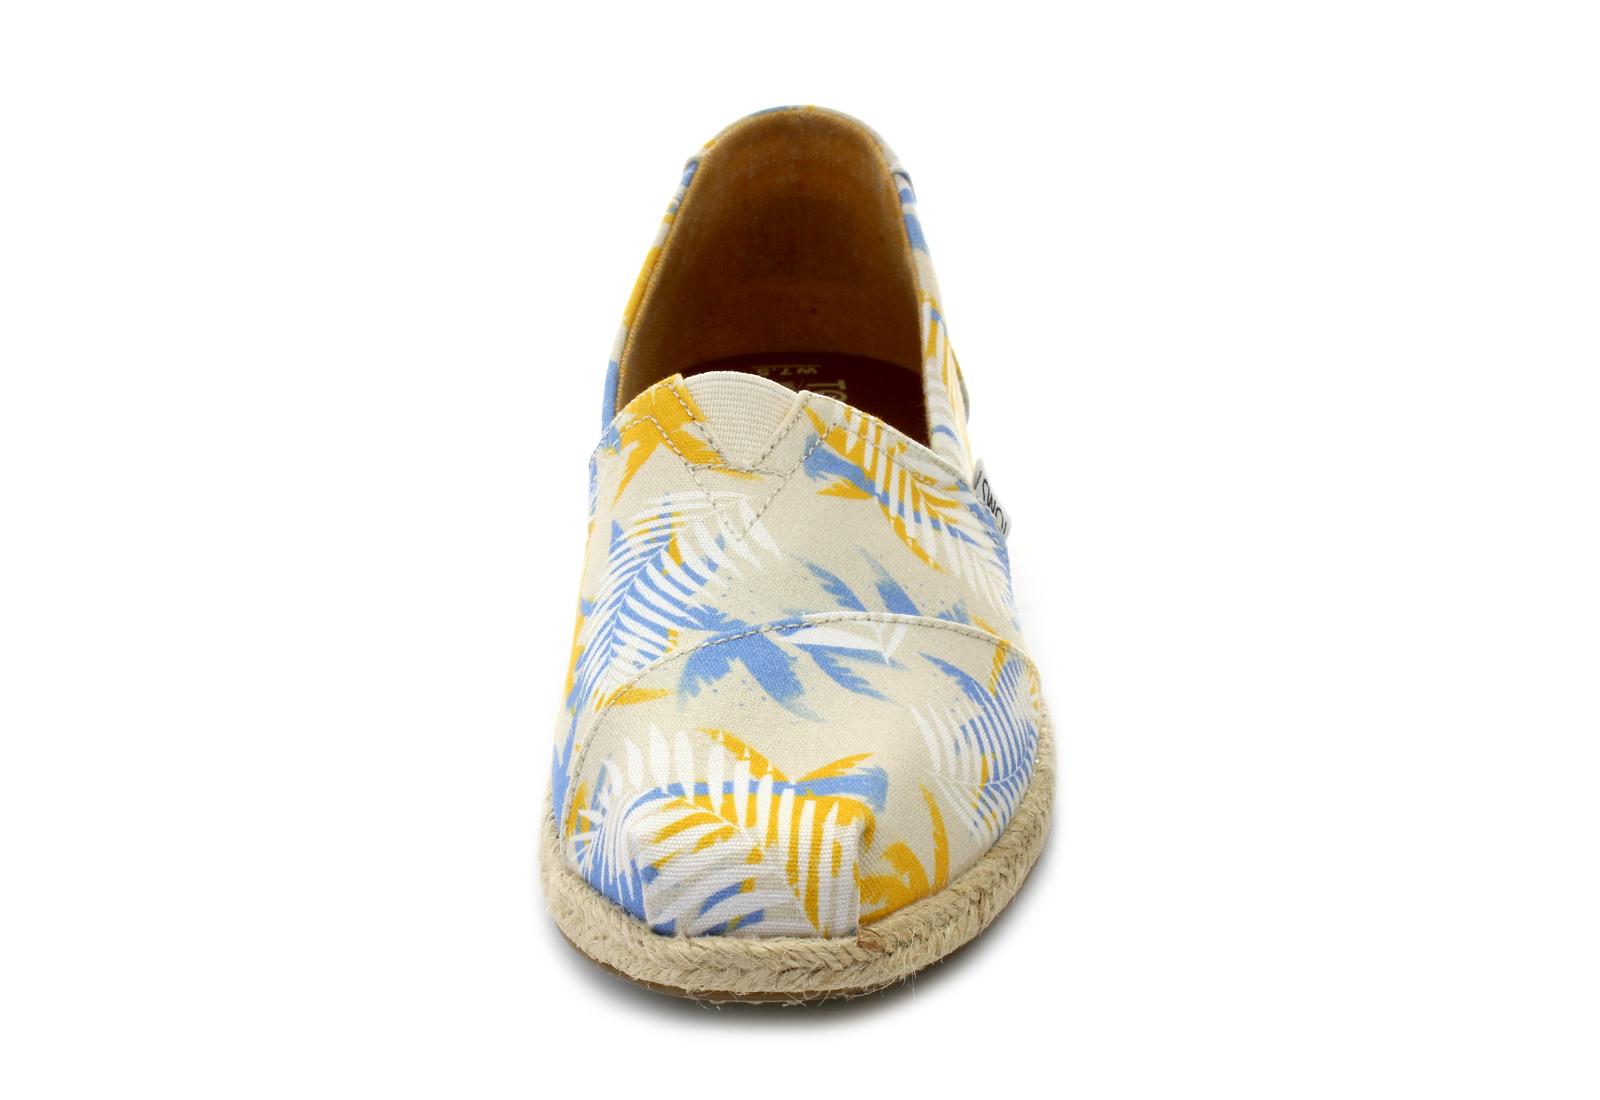 909150dc69e7d Toms Nízké boty - Alpargata - 10011651-natZnačková obuv a doplňky ...